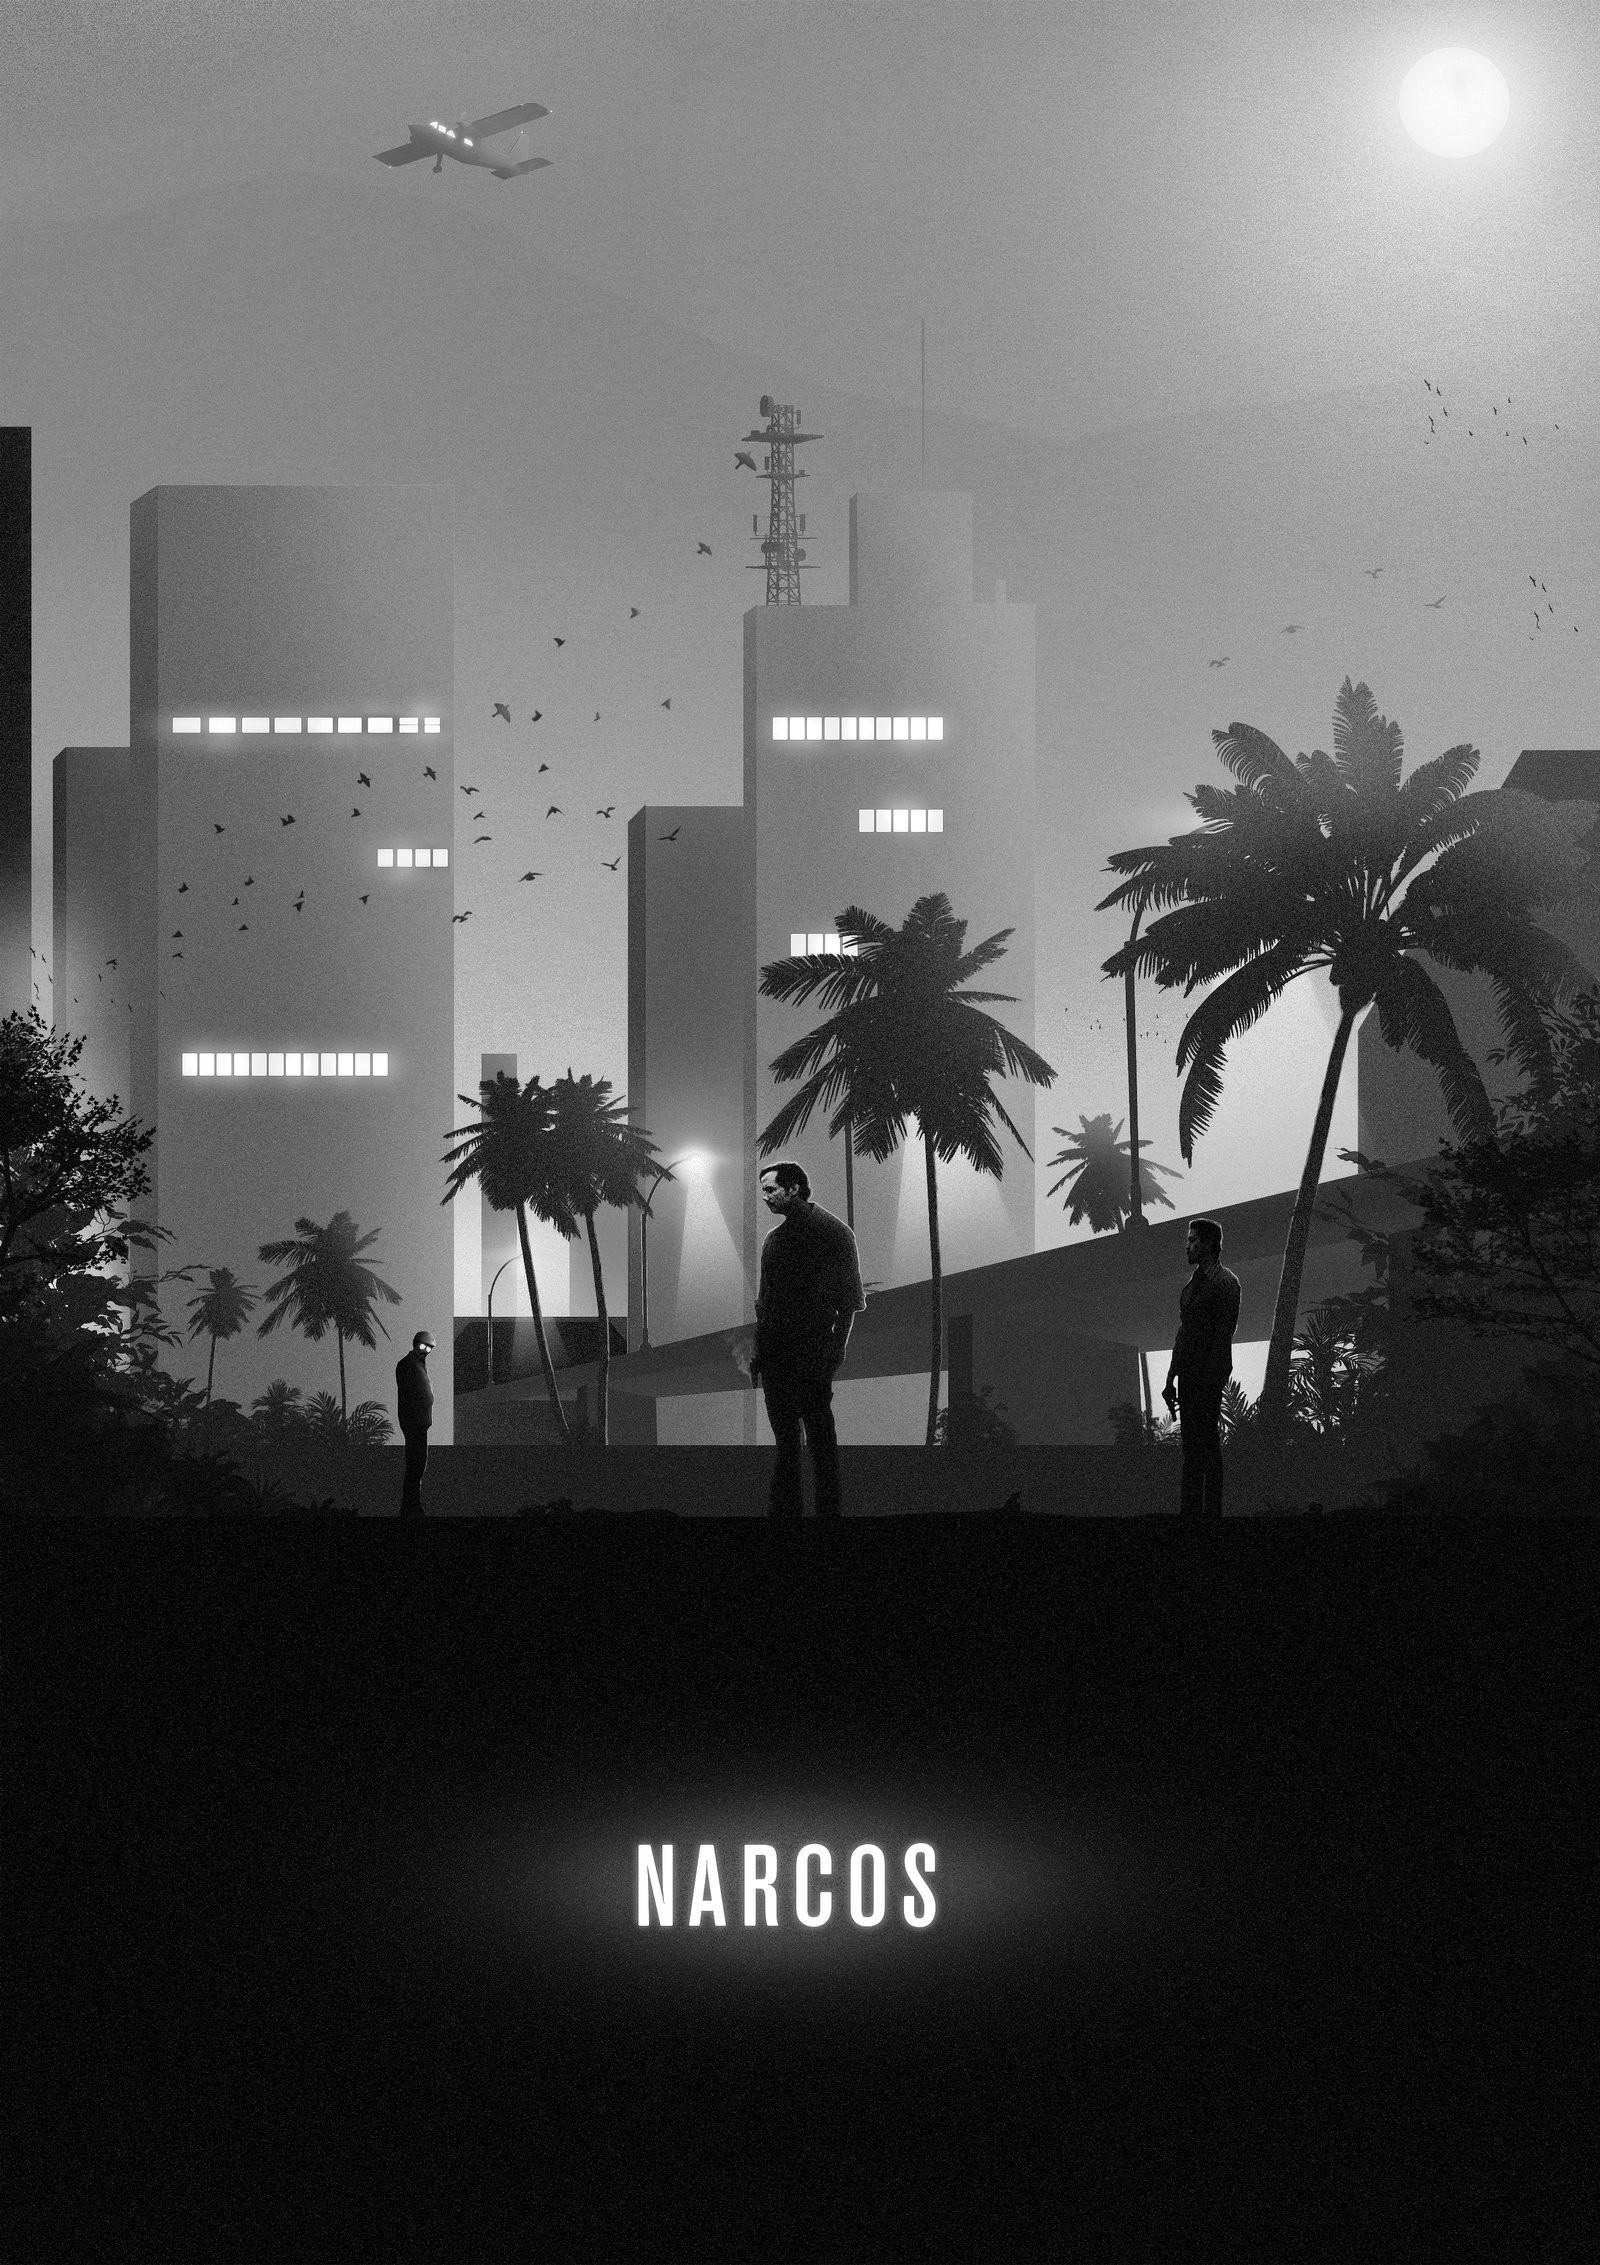 Narcos iphone duvarkağıdı